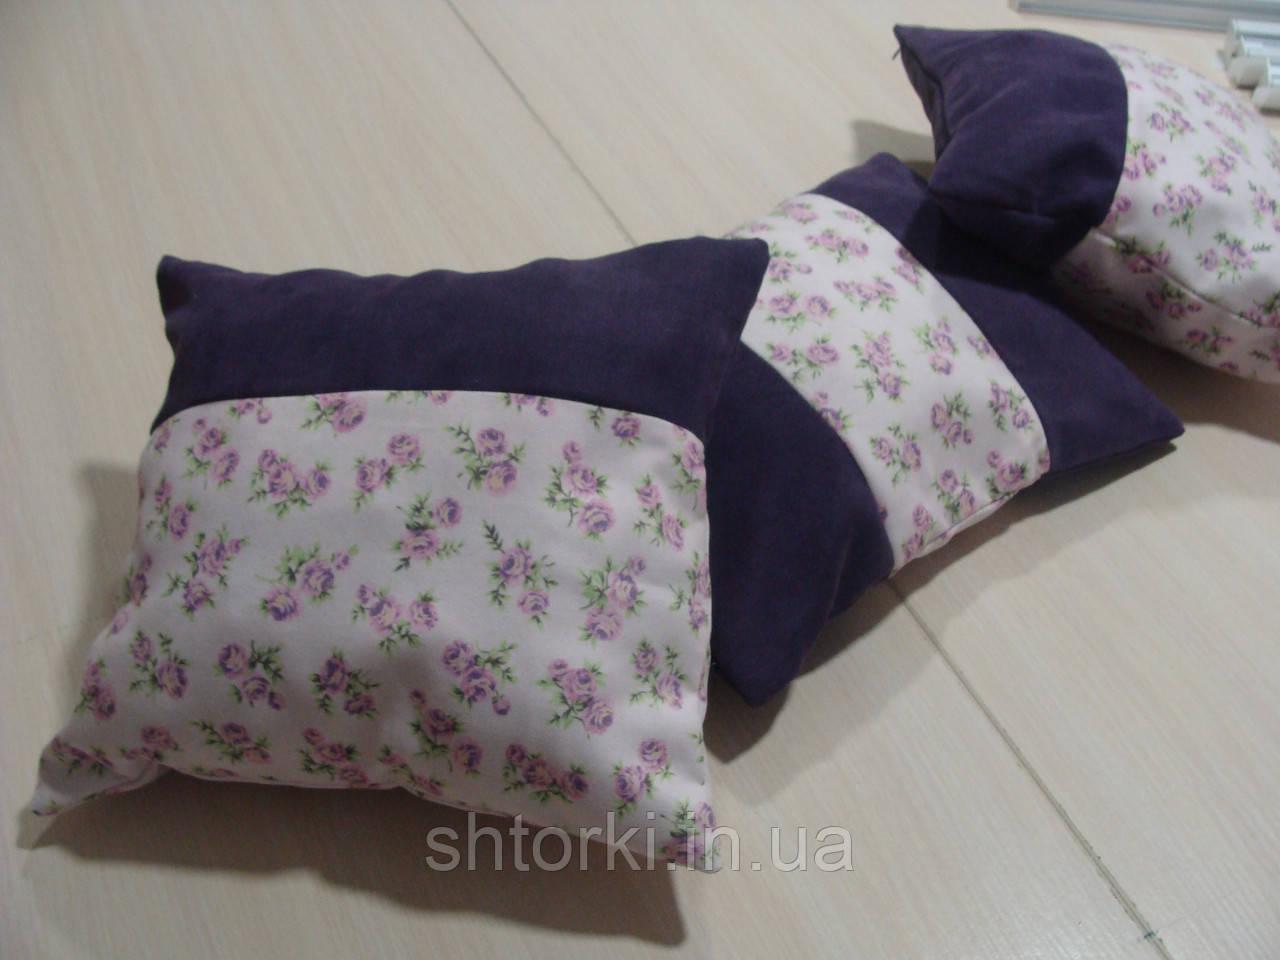 Комплект подушок Трояндочки бузок, 3шт